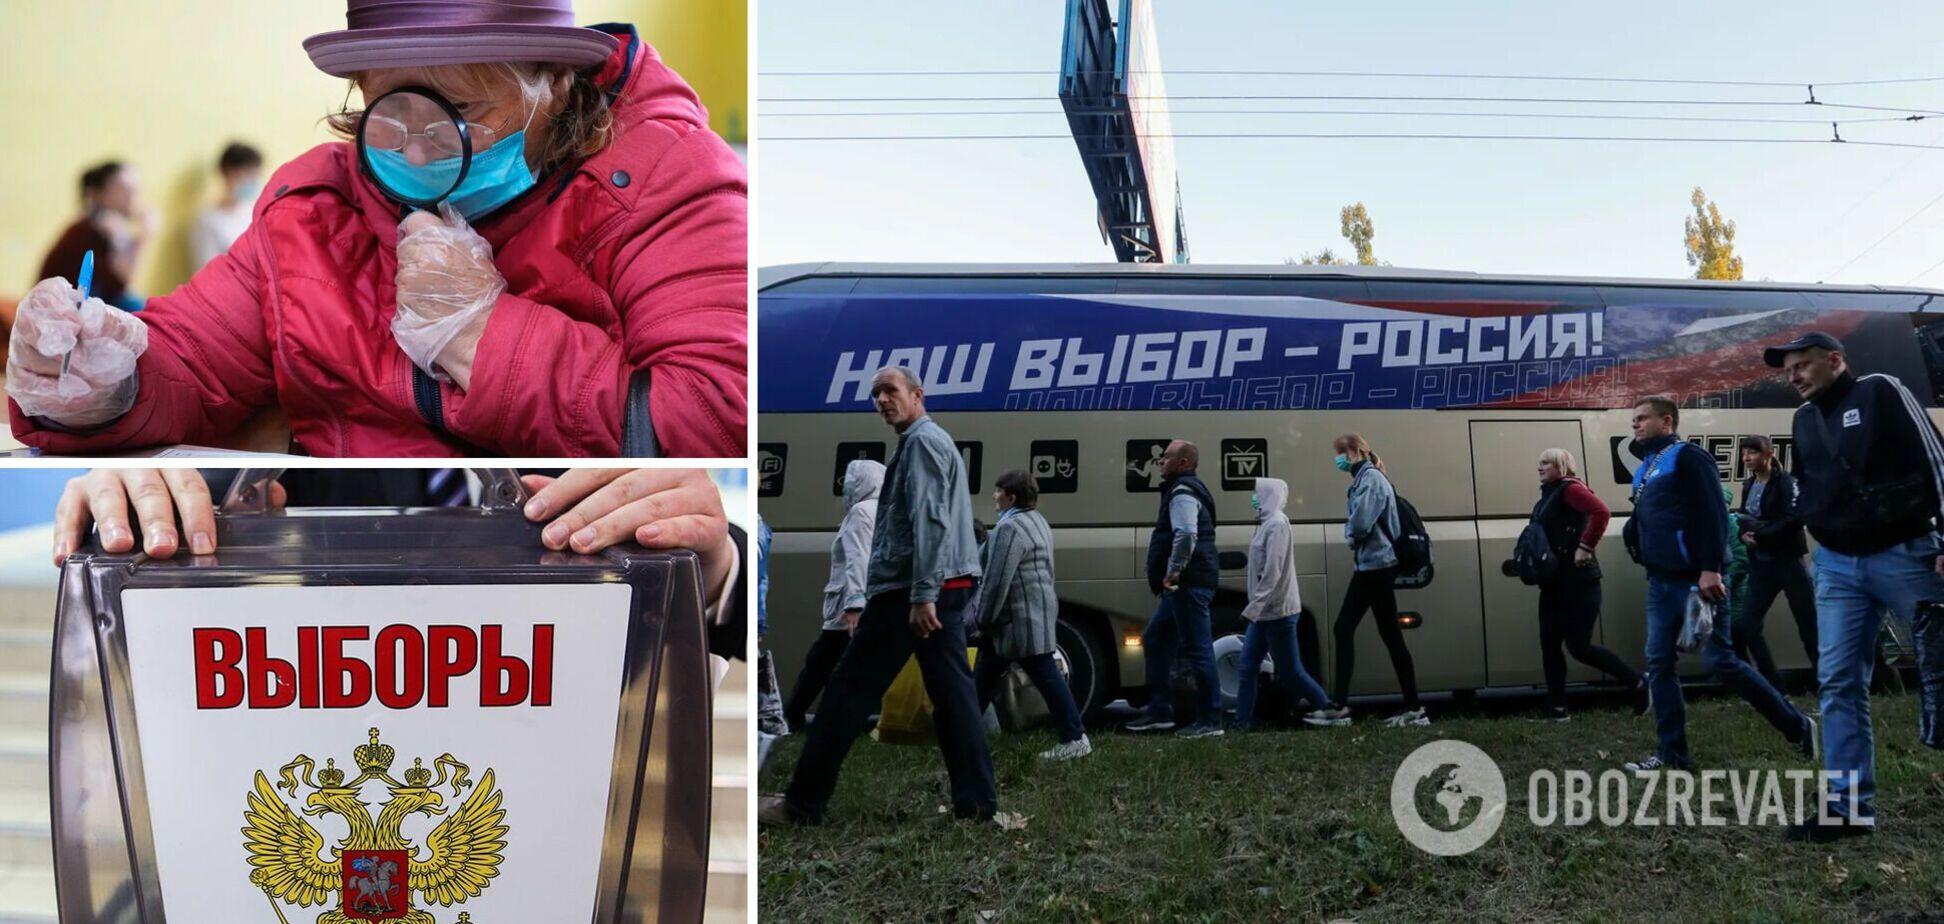 6 оснований для непризнания 'выборов' в Госдуму РФ